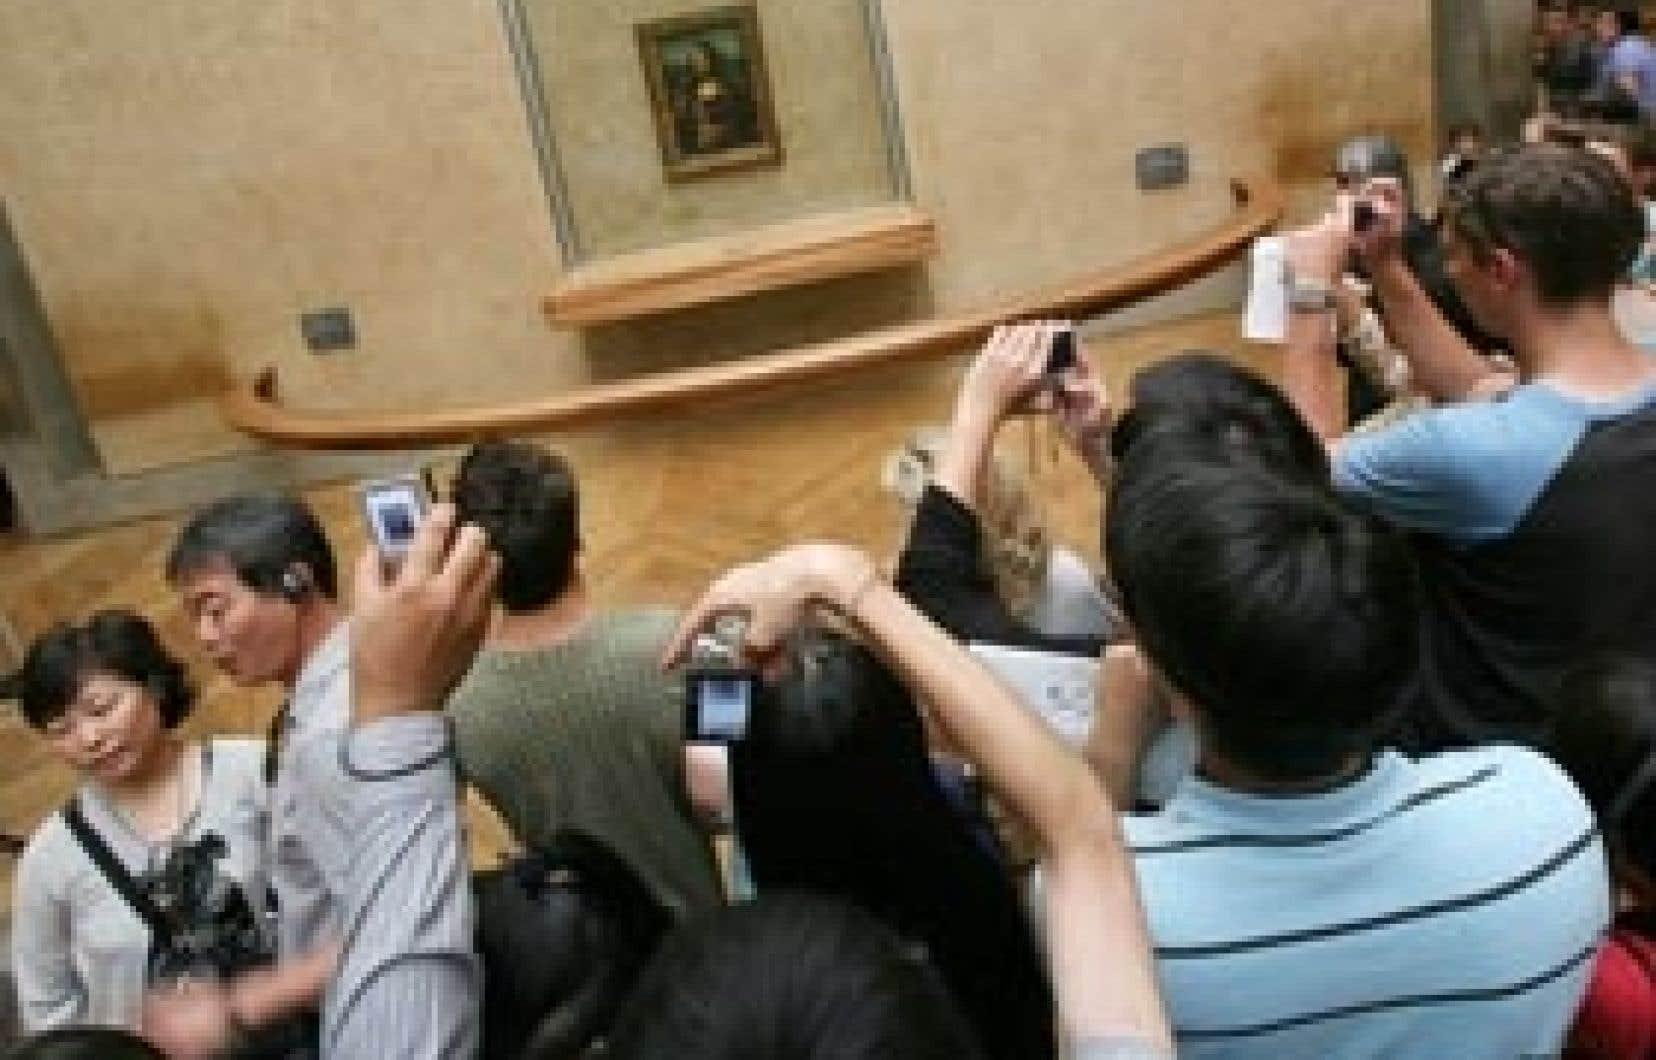 Le Louvre a accueilli 8,3 millions de visiteurs en 2007, dont 189 000 Russes, selon le musée.